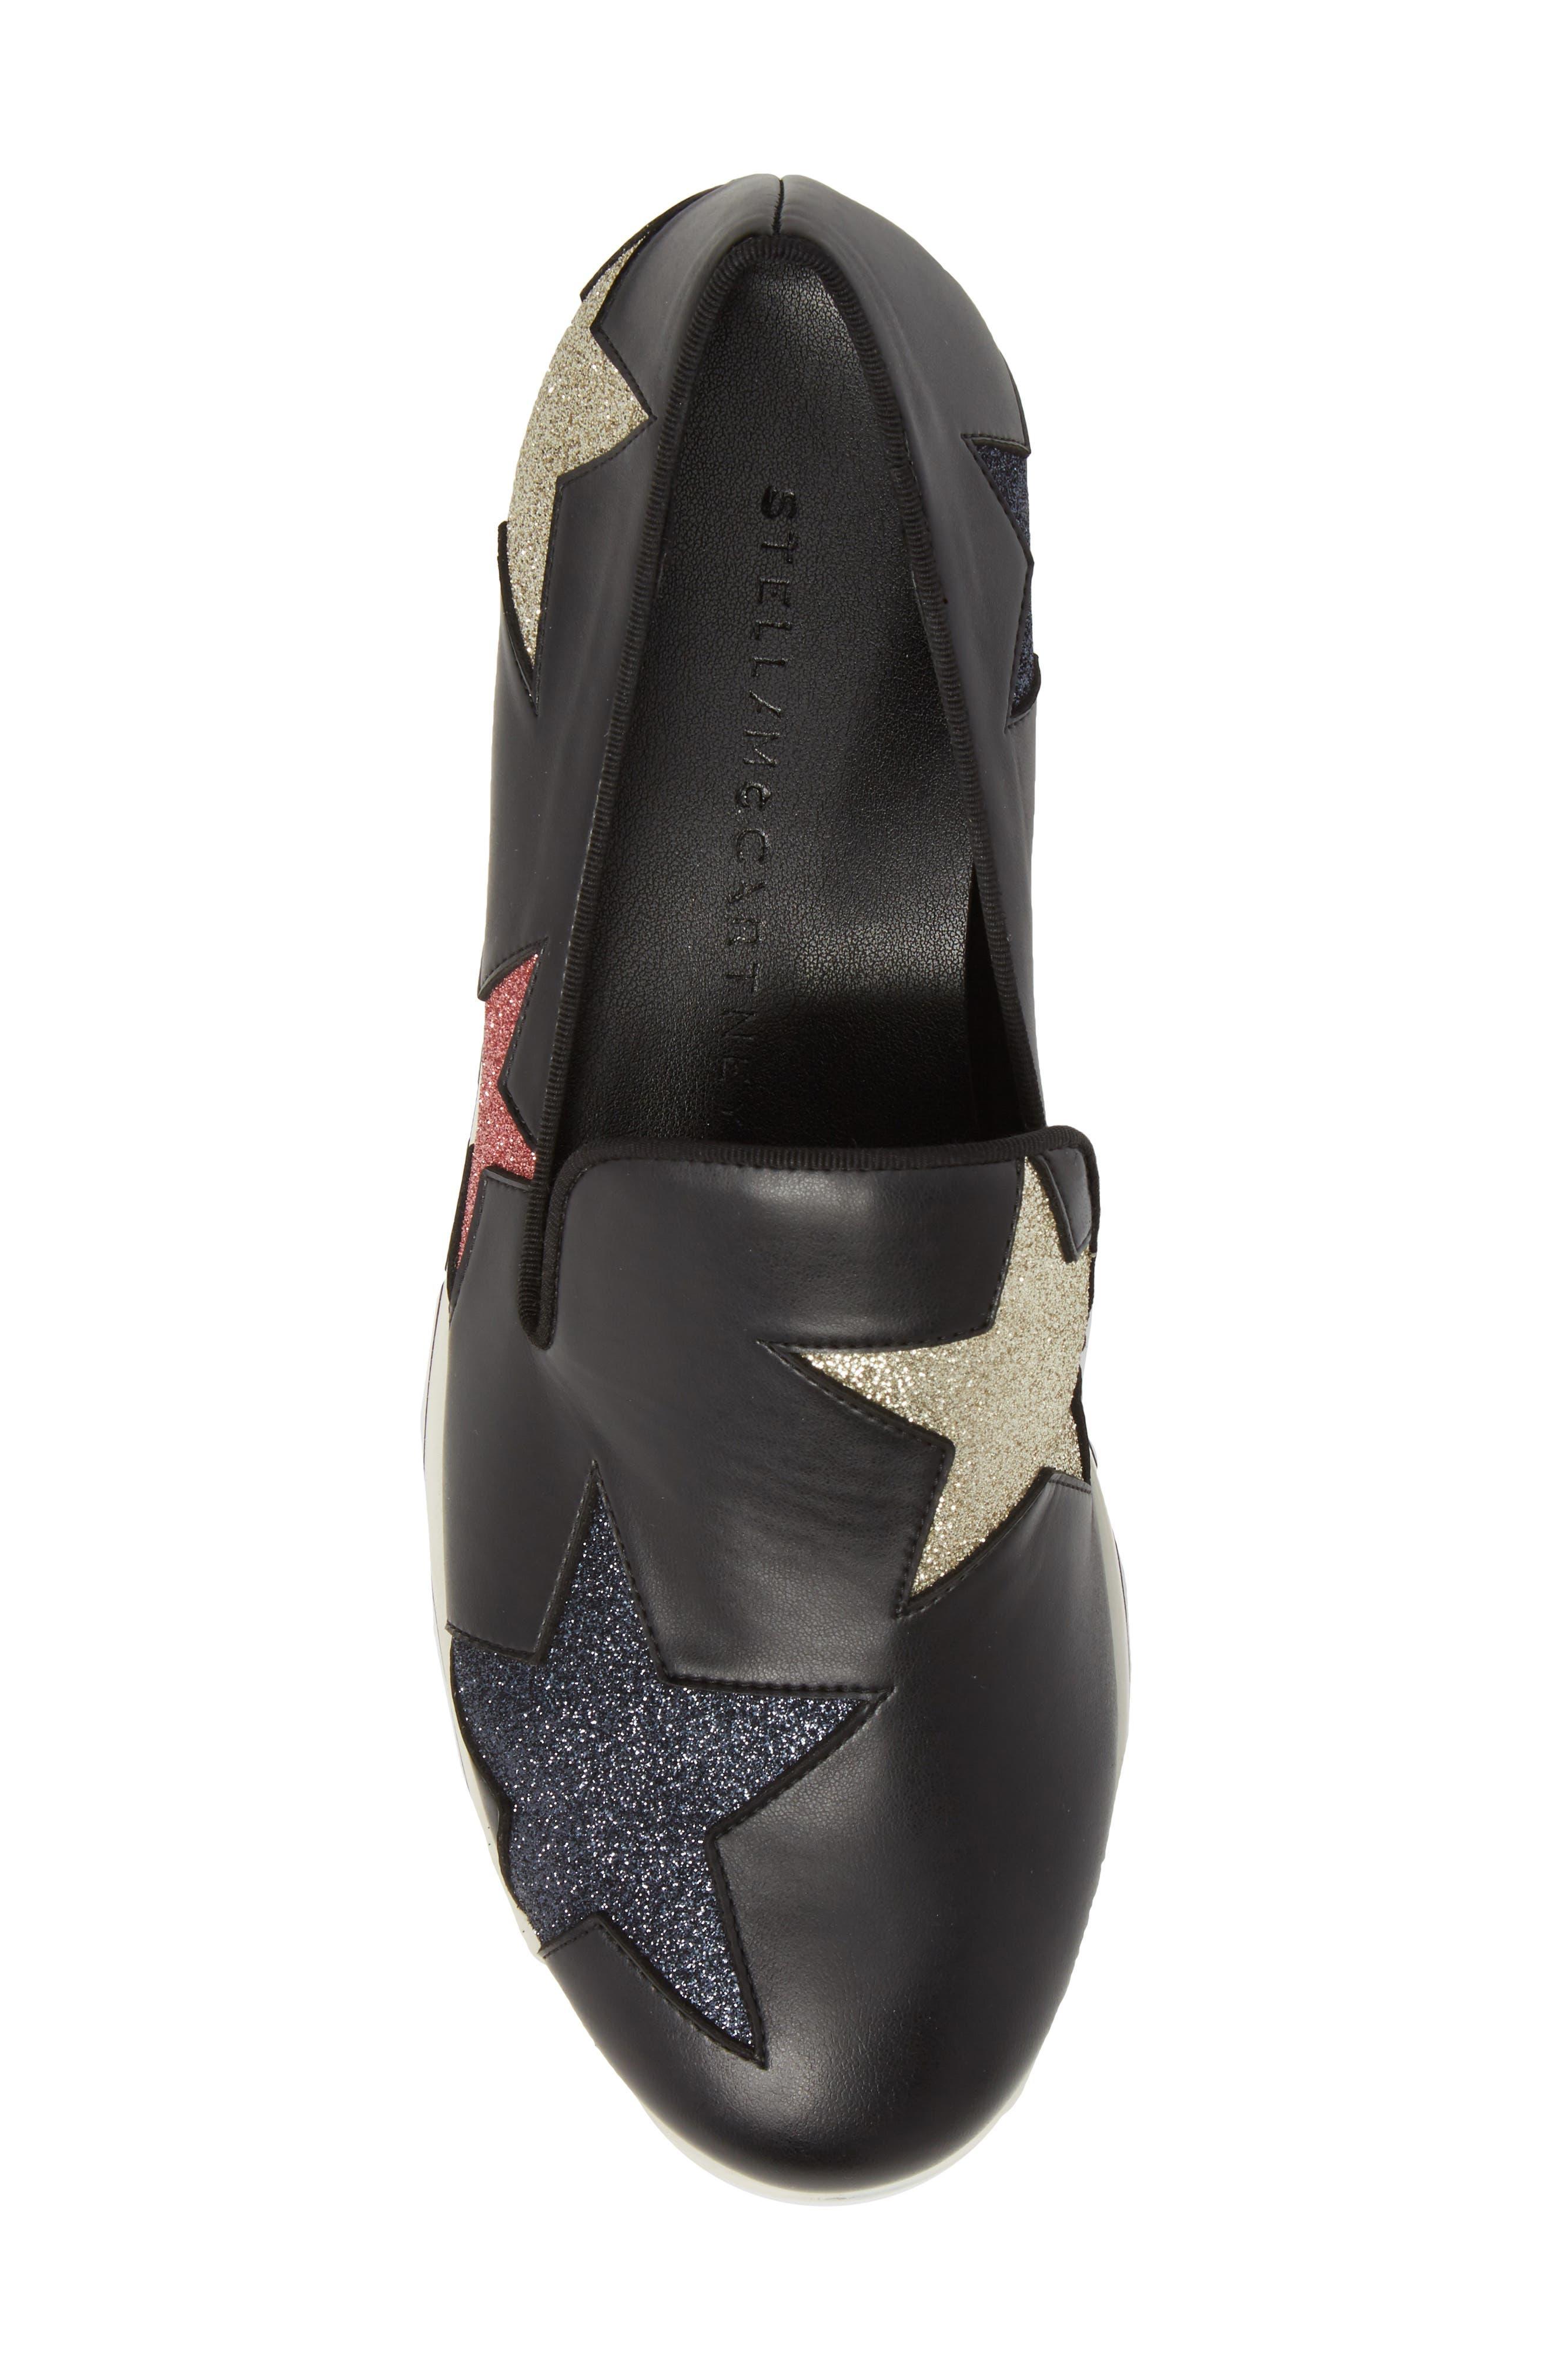 Binx Star Loafer,                             Alternate thumbnail 5, color,                             Black